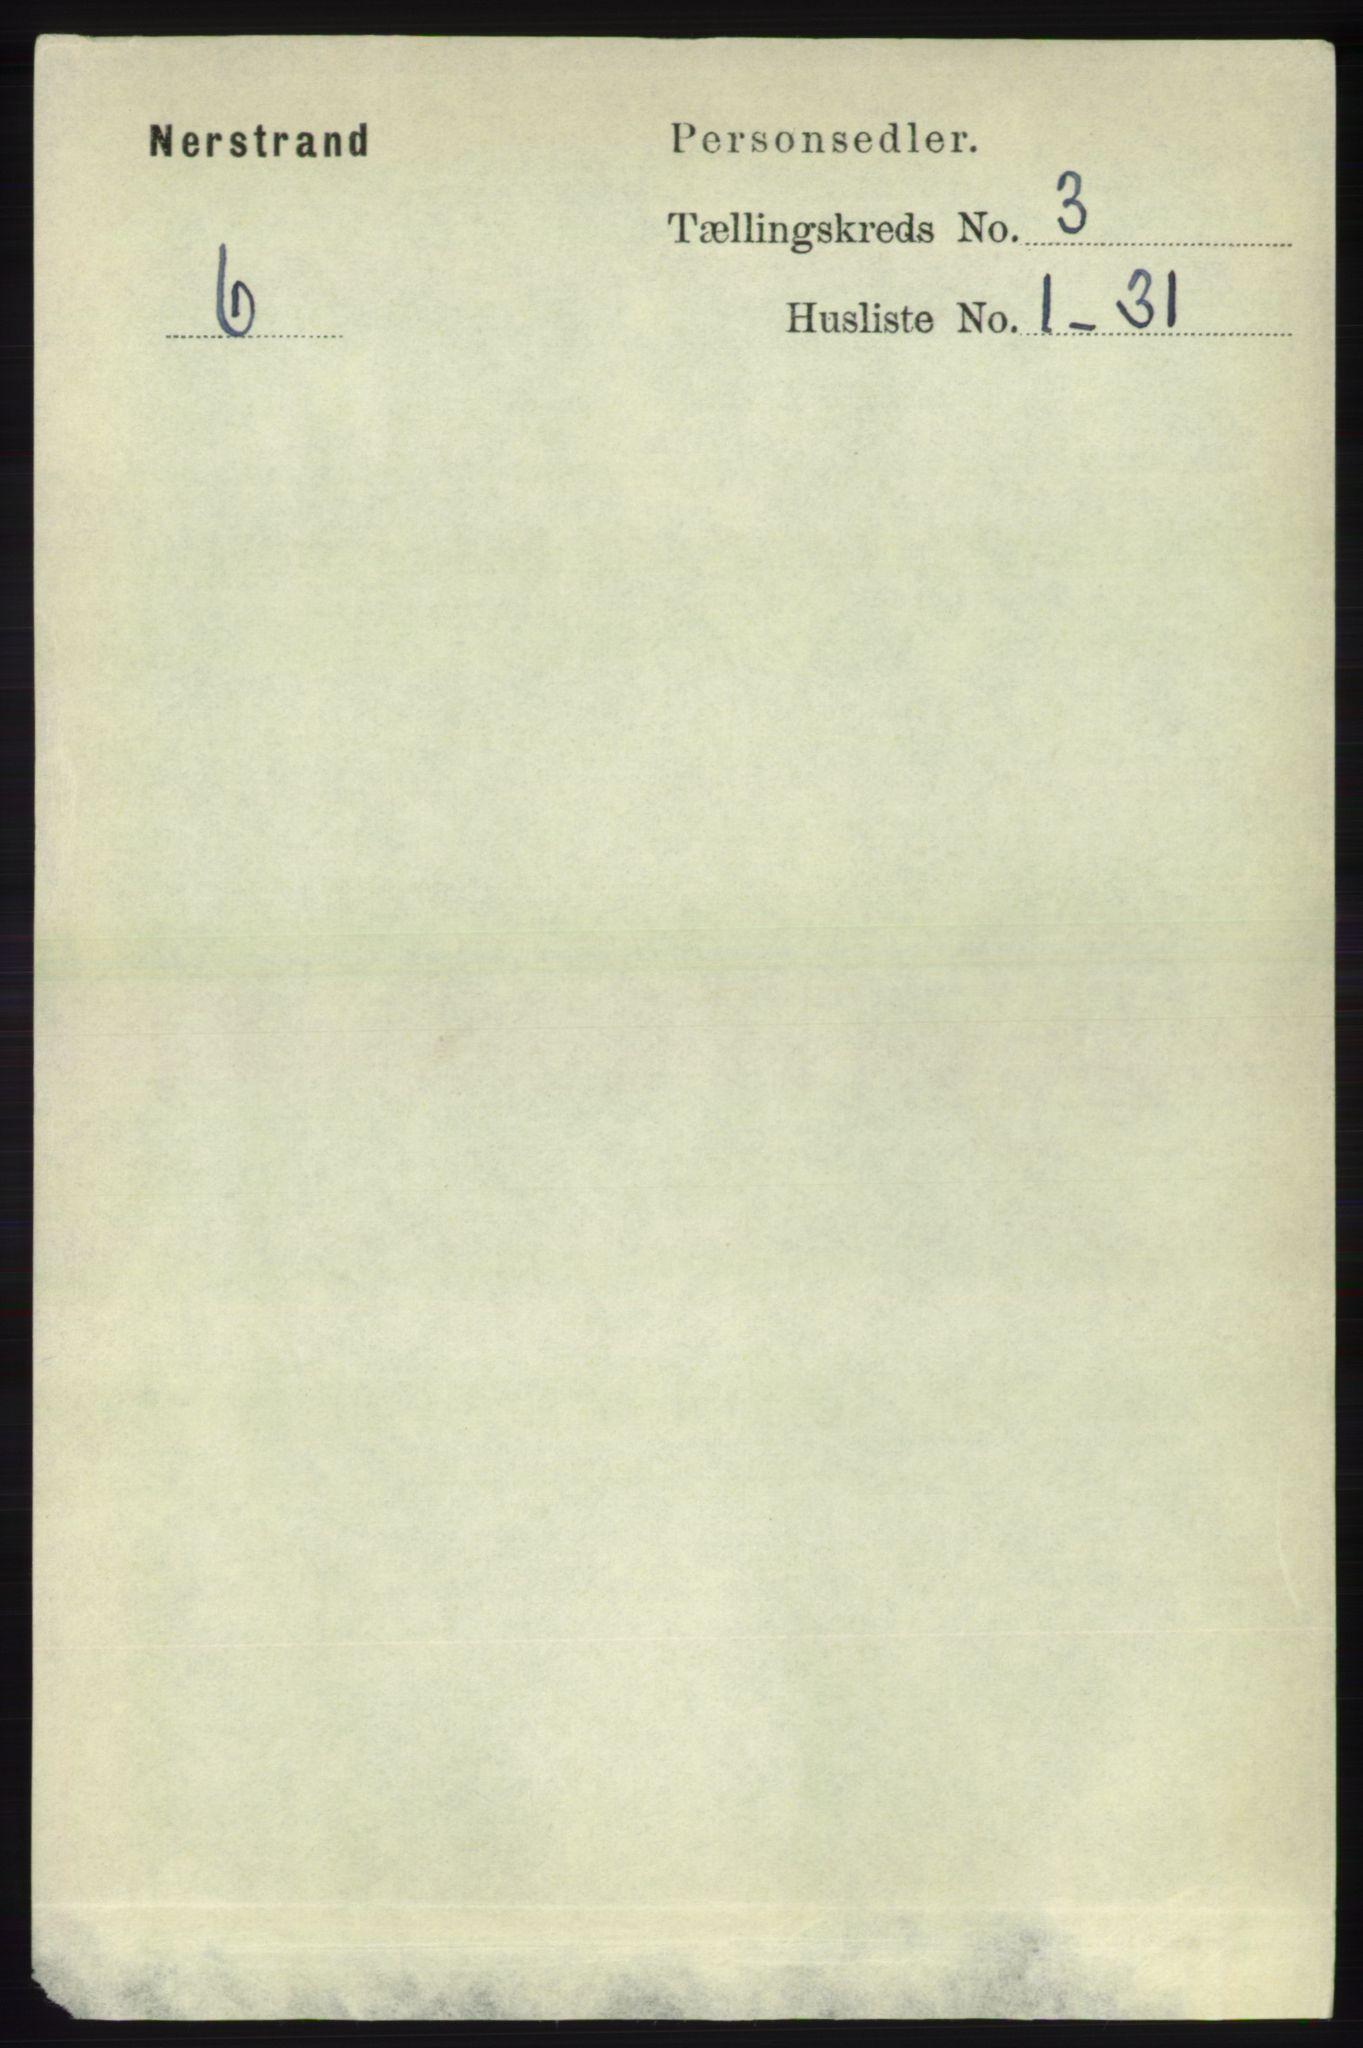 RA, Folketelling 1891 for 1139 Nedstrand herred, 1891, s. 447